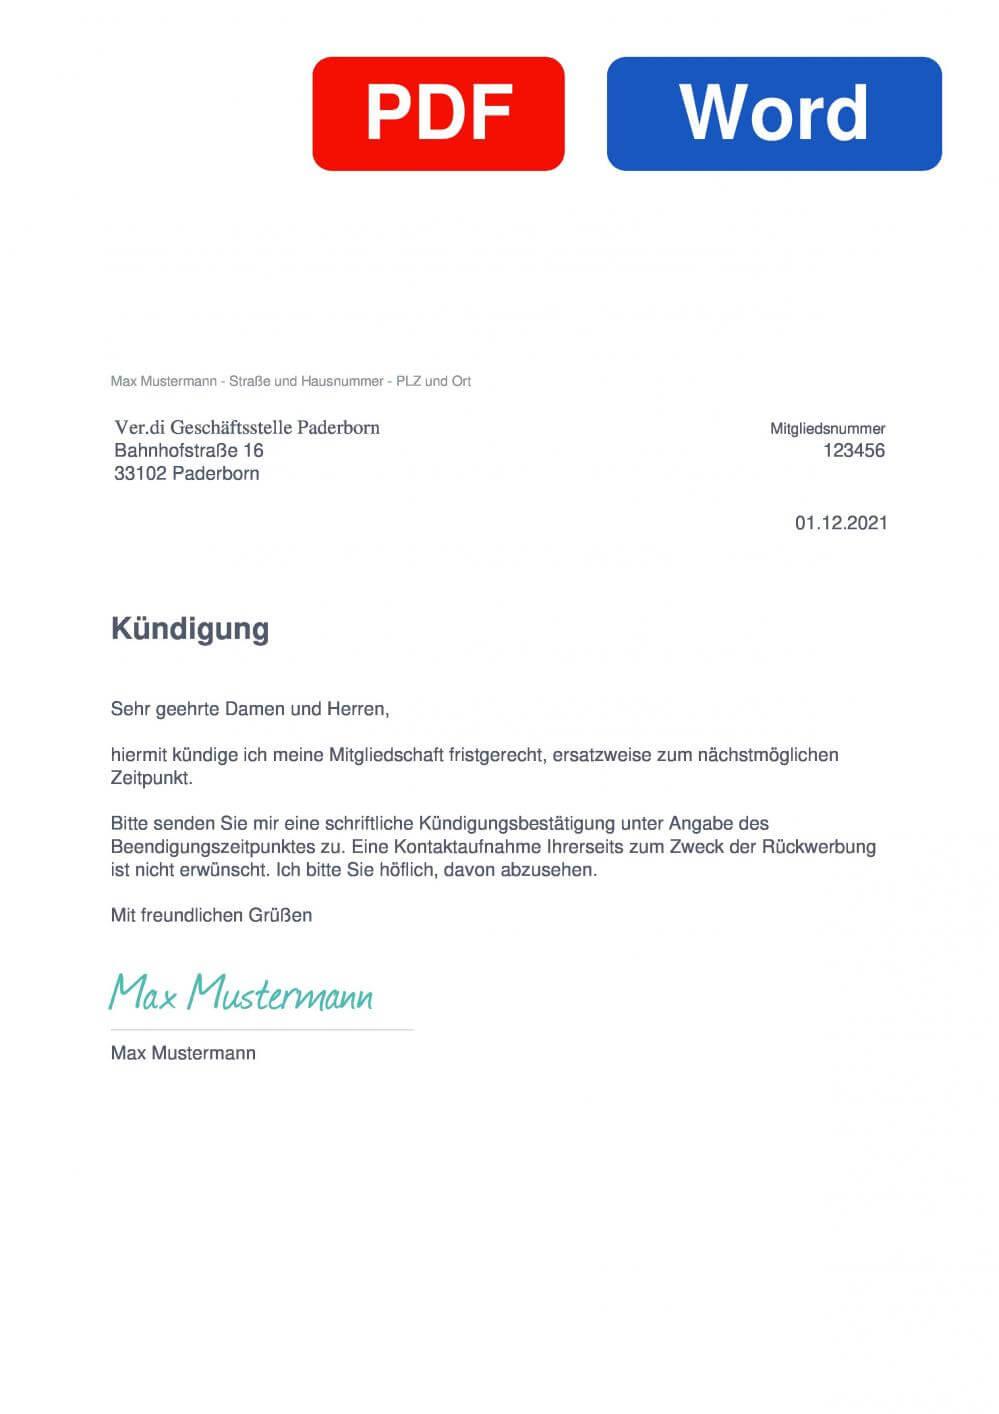 Verdi Paderborn Muster Vorlage für Kündigungsschreiben